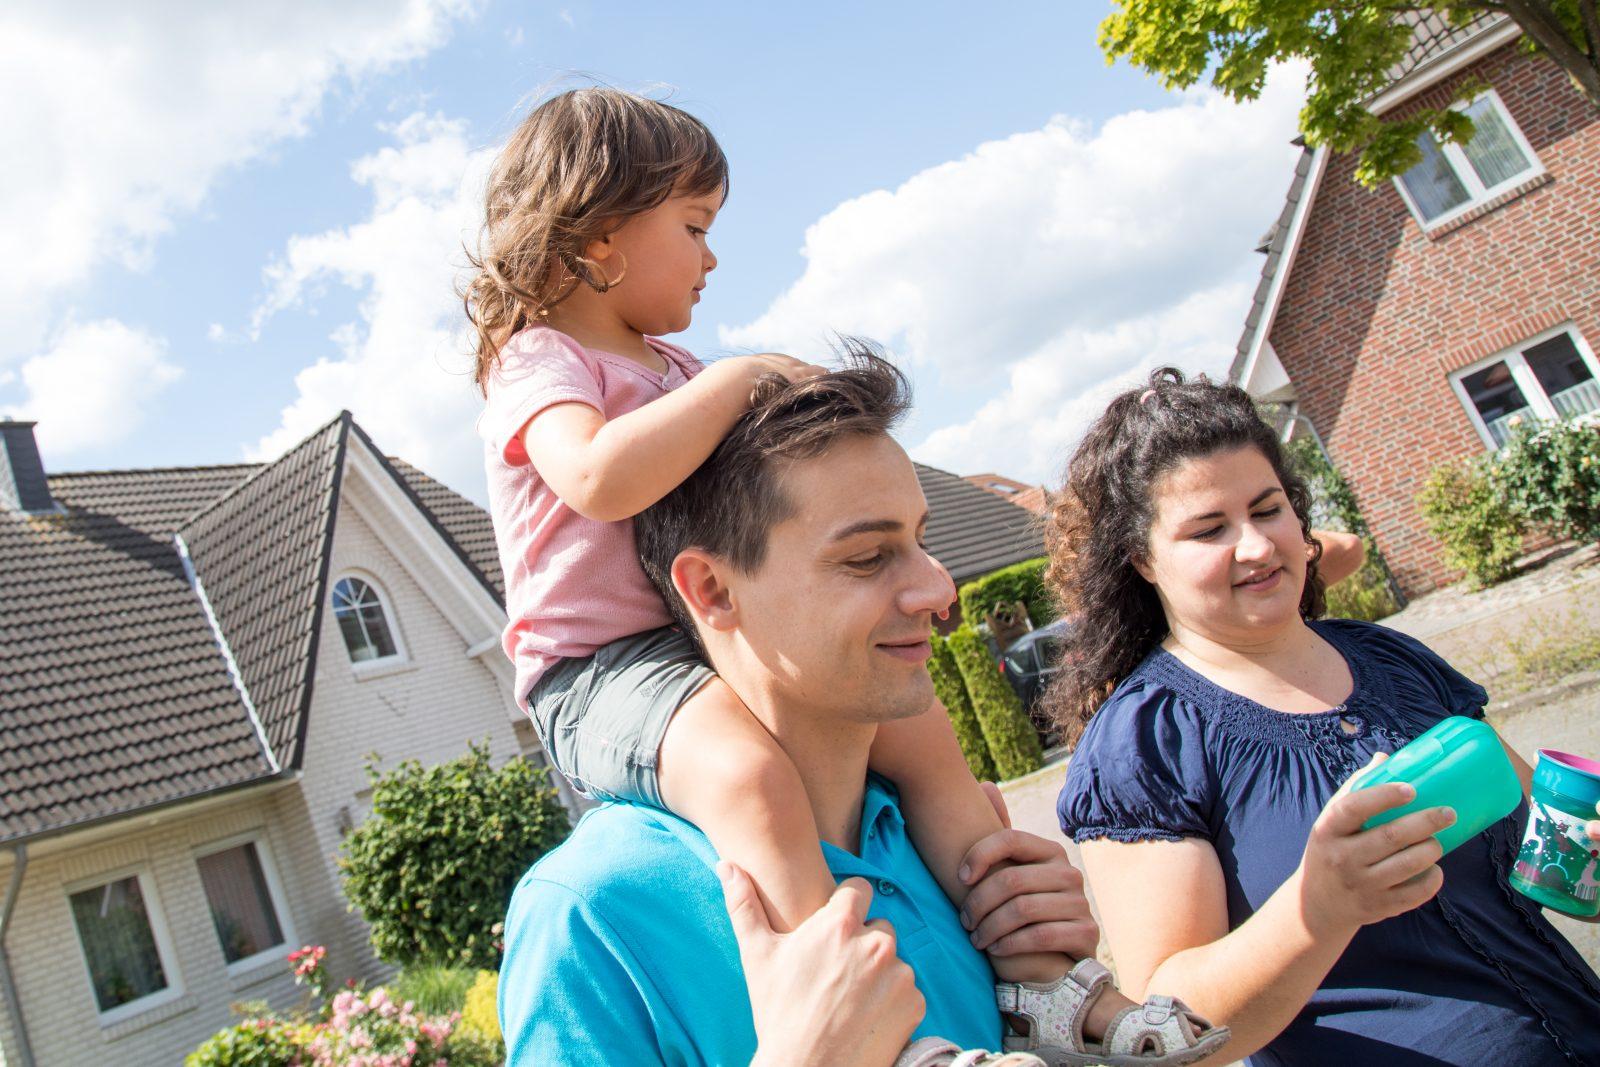 """Familie mit Kind: Nach dem Willen der Jungen Liberalen soll im Familienrecht nicht mehr von """"Vater"""" und """"Mutter"""" die Rede sein (Symbolbild) Foto: picture alliance/dpa Themendienst"""